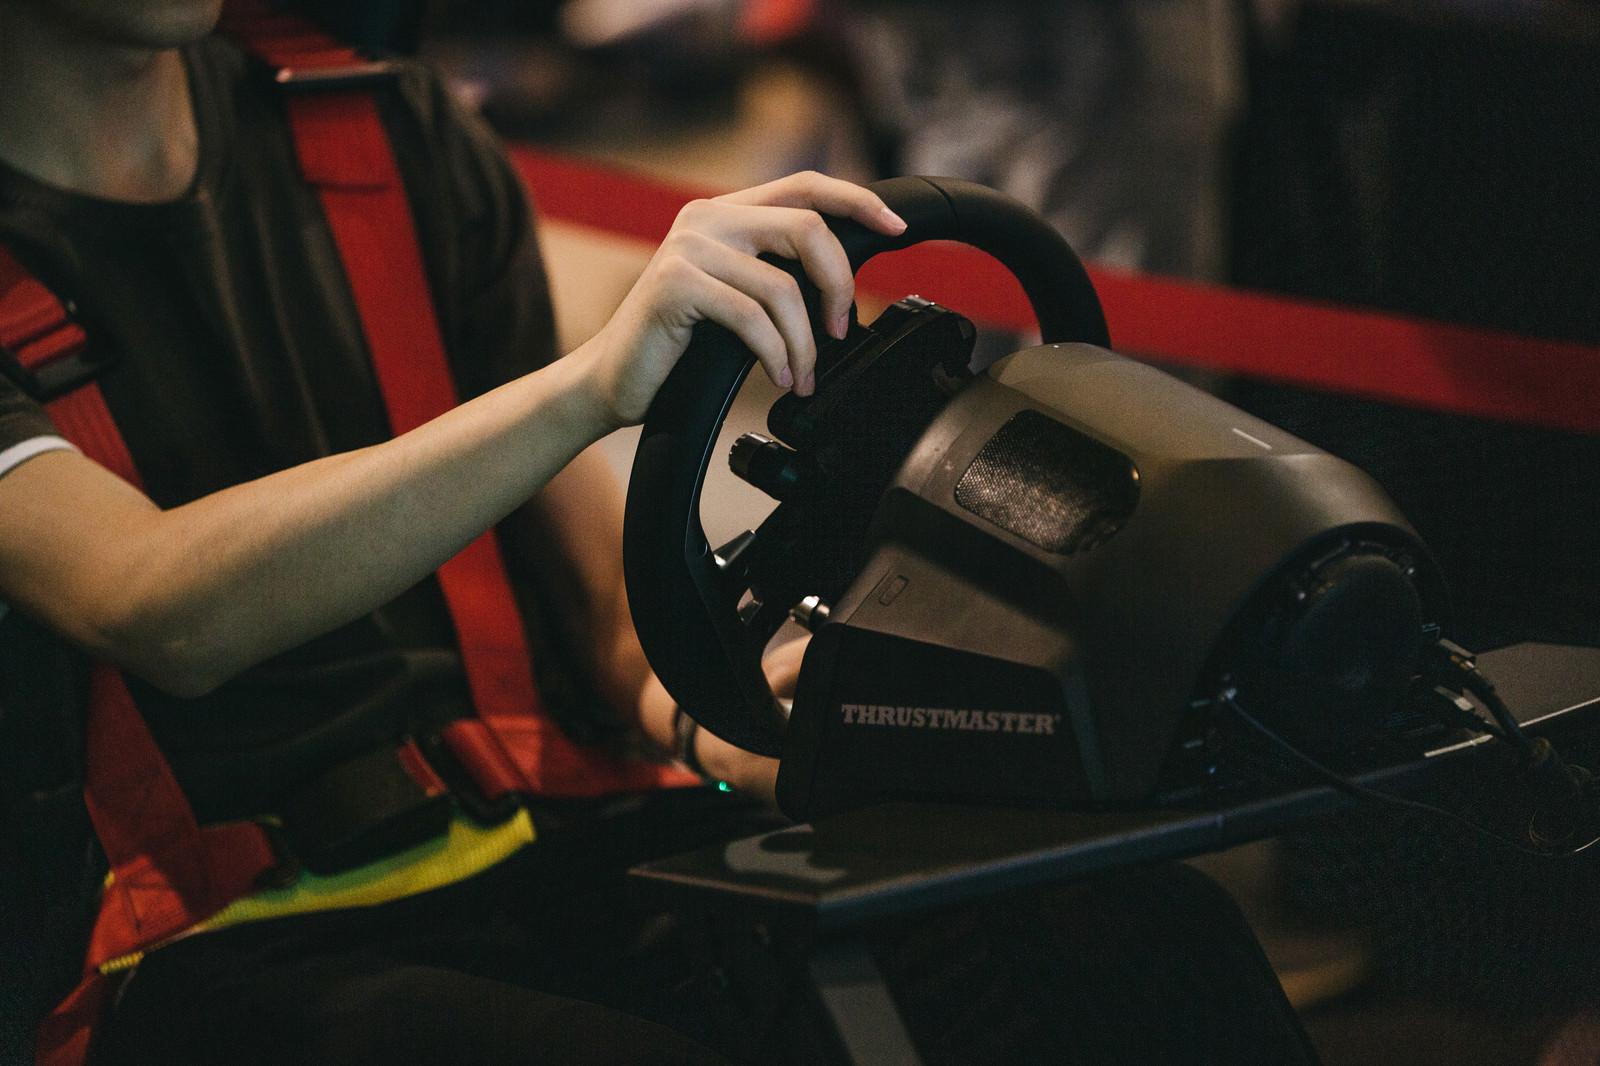 「eスポーツのレースゲームでハンドルを持って操作する」の写真